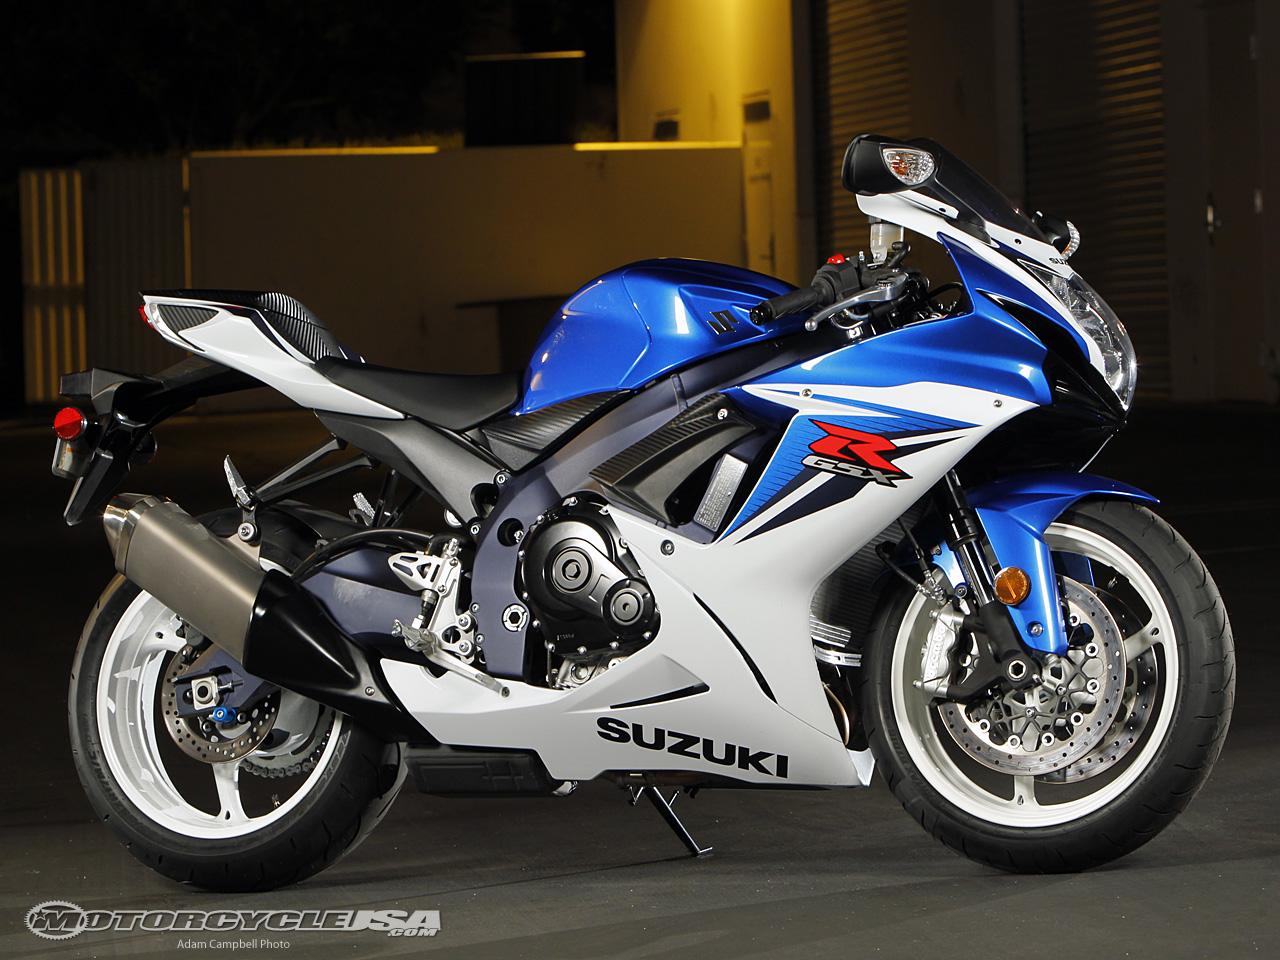 款铃木GSX-R600摩托车图片1